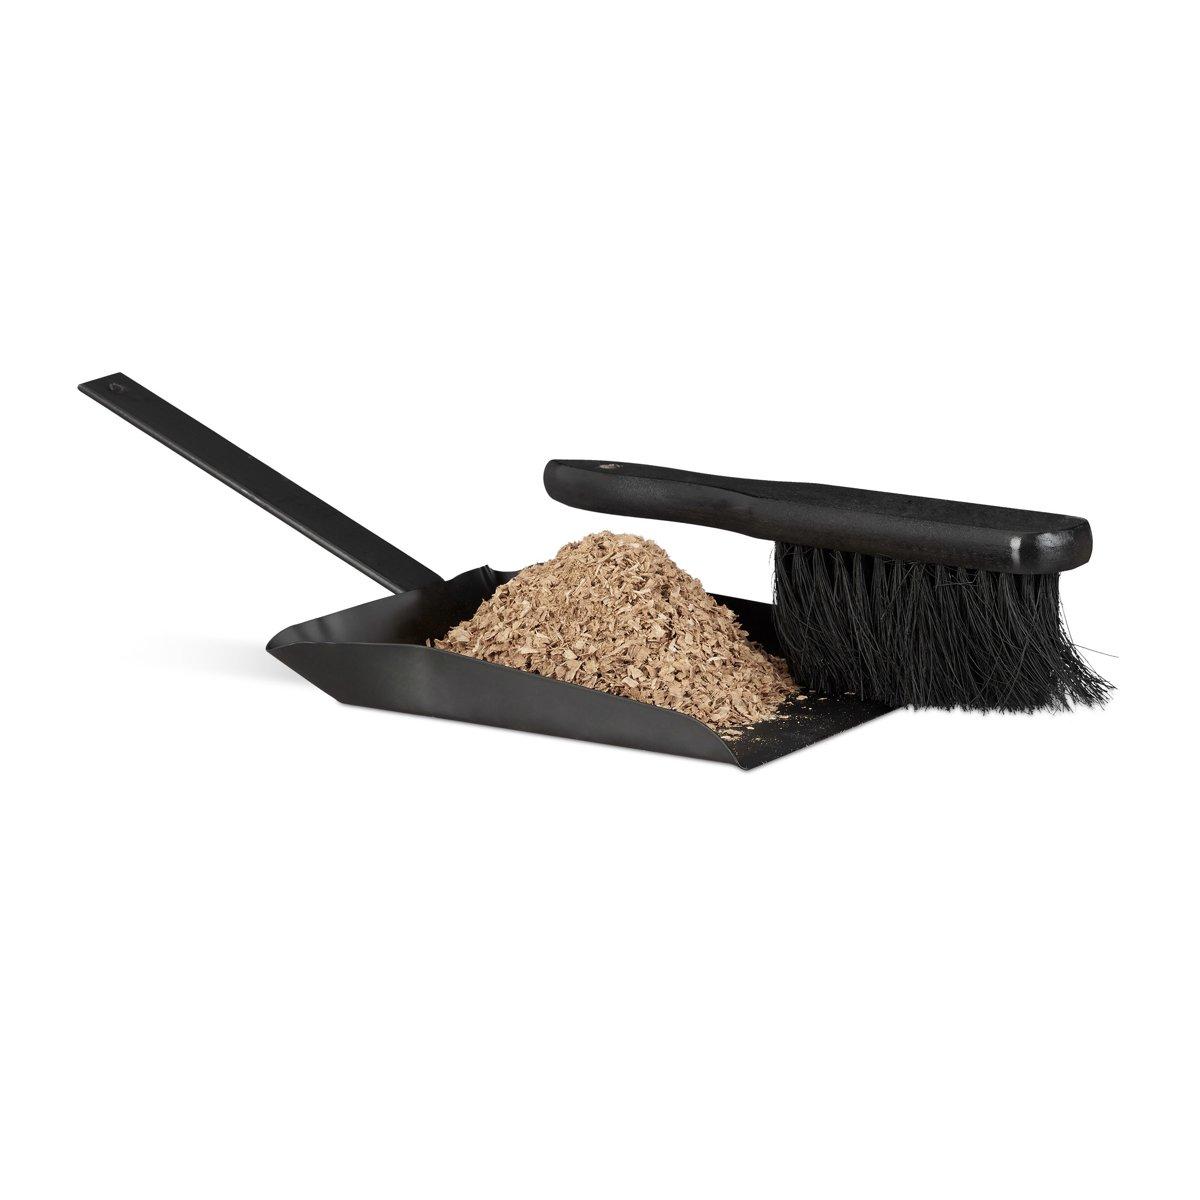 relaxdays stoffer   blik staal - handveger en blik - zwart - binnen   buiten gebruik 37 cm kopen